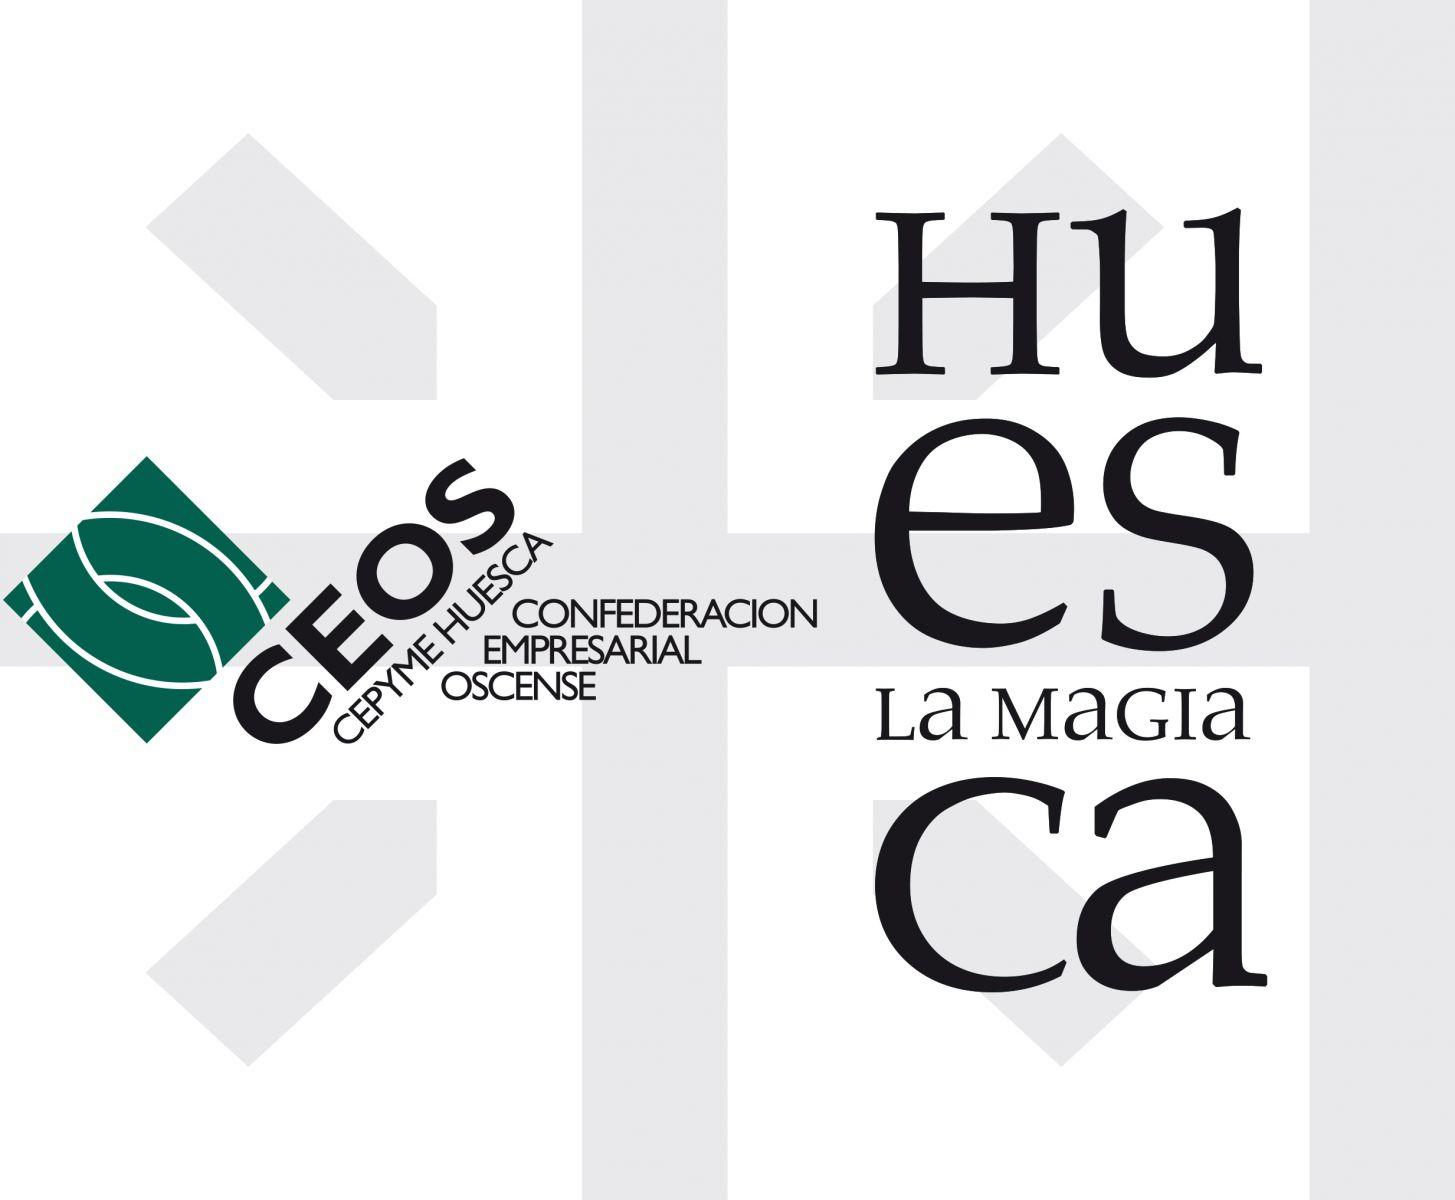 Logo unión Ceos y Huesca la Magia